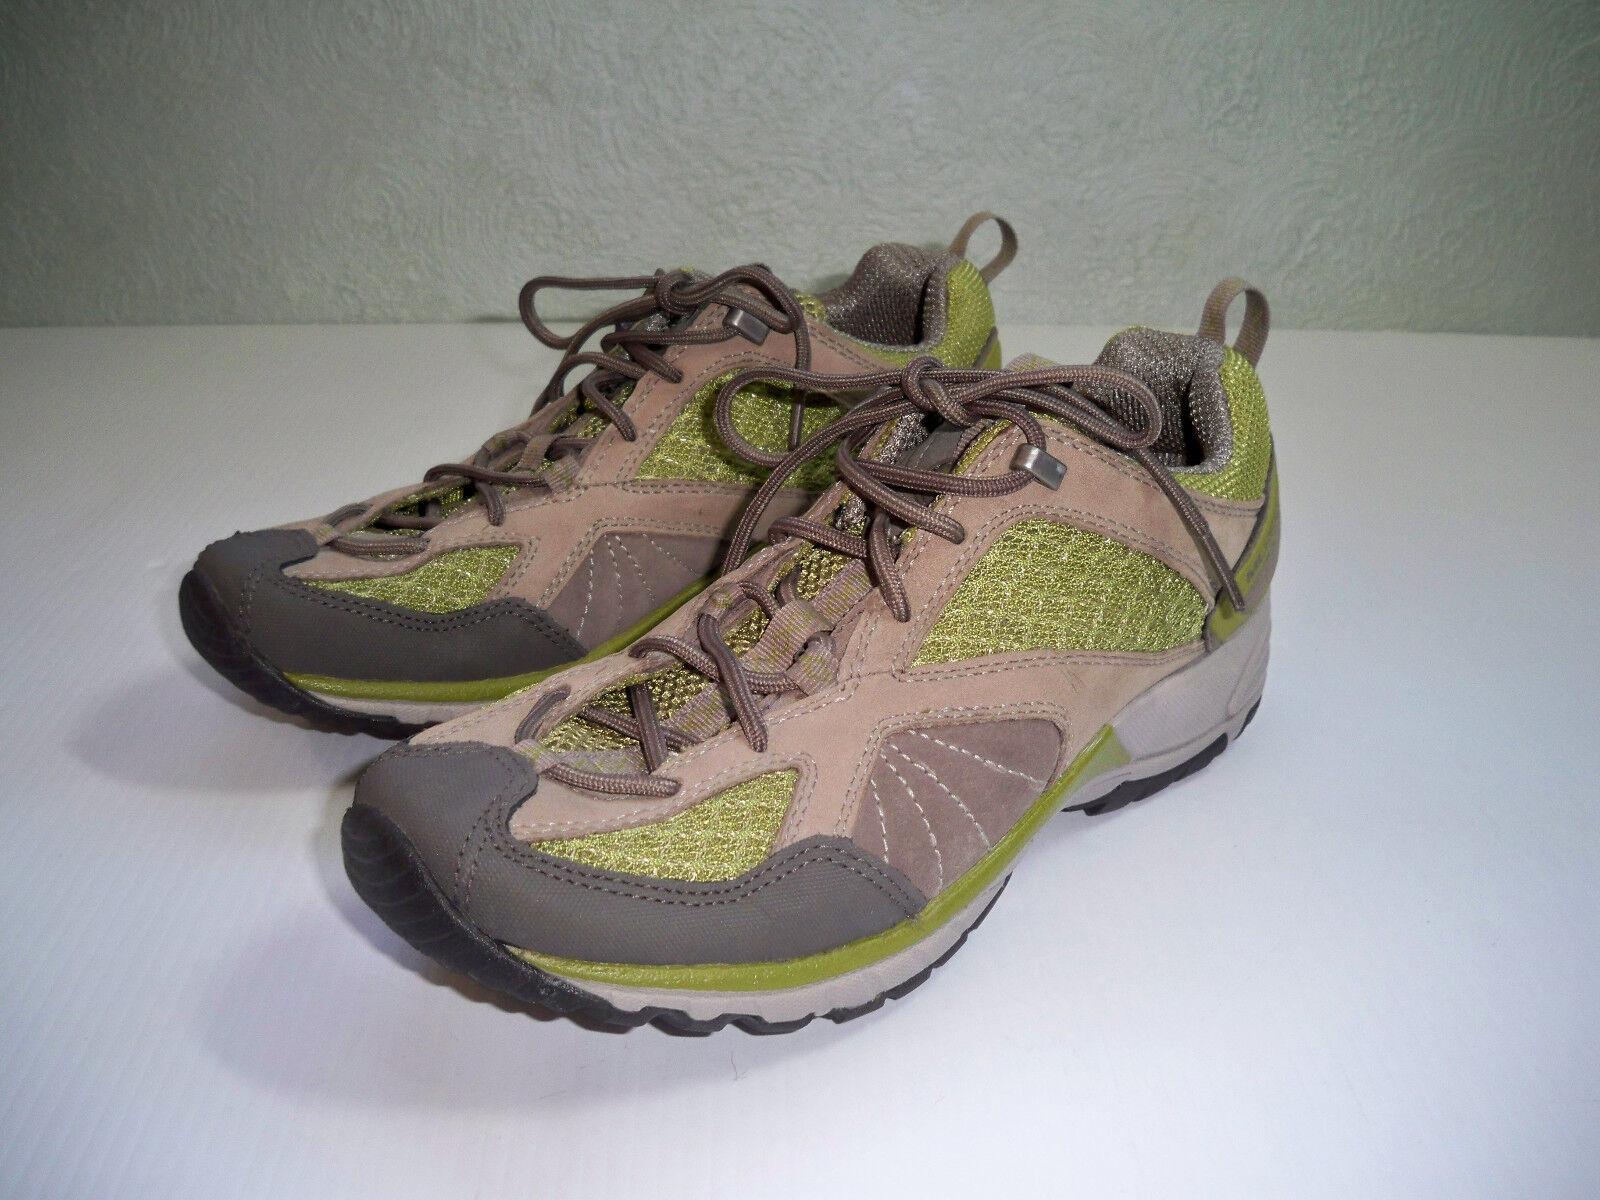 Merrel Womens Avian Lt Ventilator Waterproof  SZ 7.5 Hiking shoes EXCELLENT